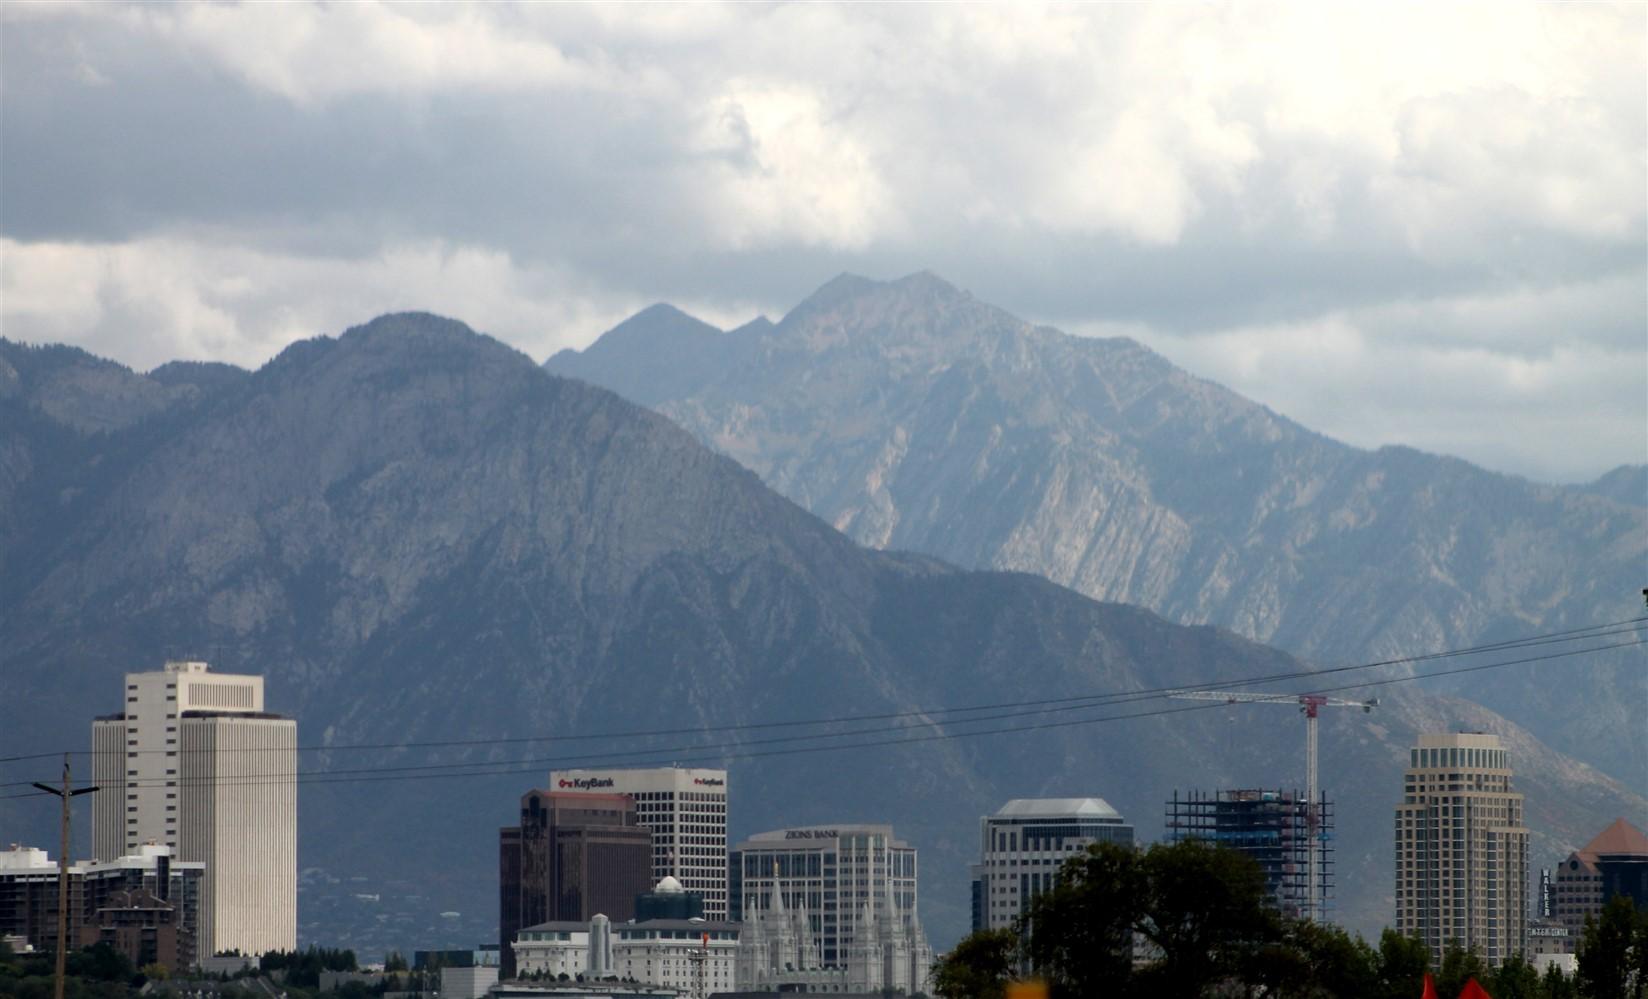 2015 09 14 136 Salt Lake City UT